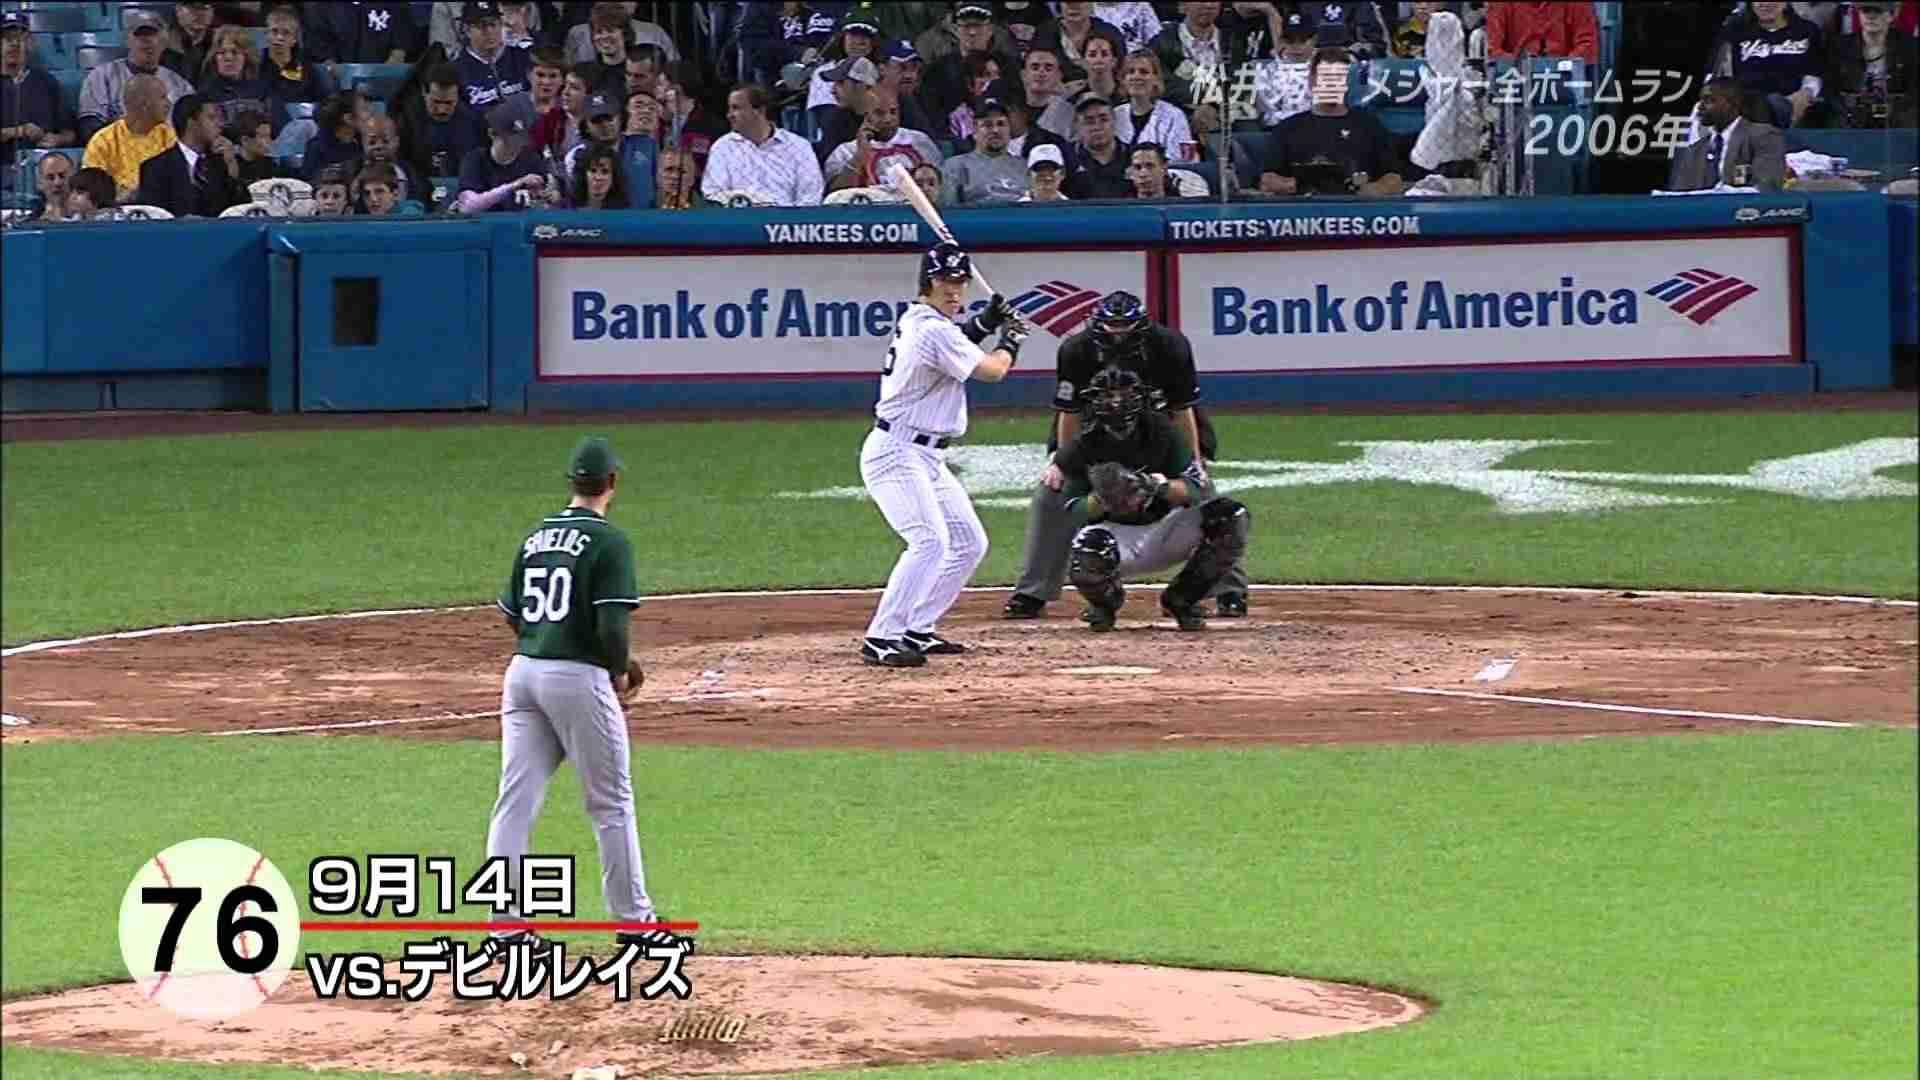 2013/05/04 松井秀喜 メジャーリーグ全ホームラン - YouTube